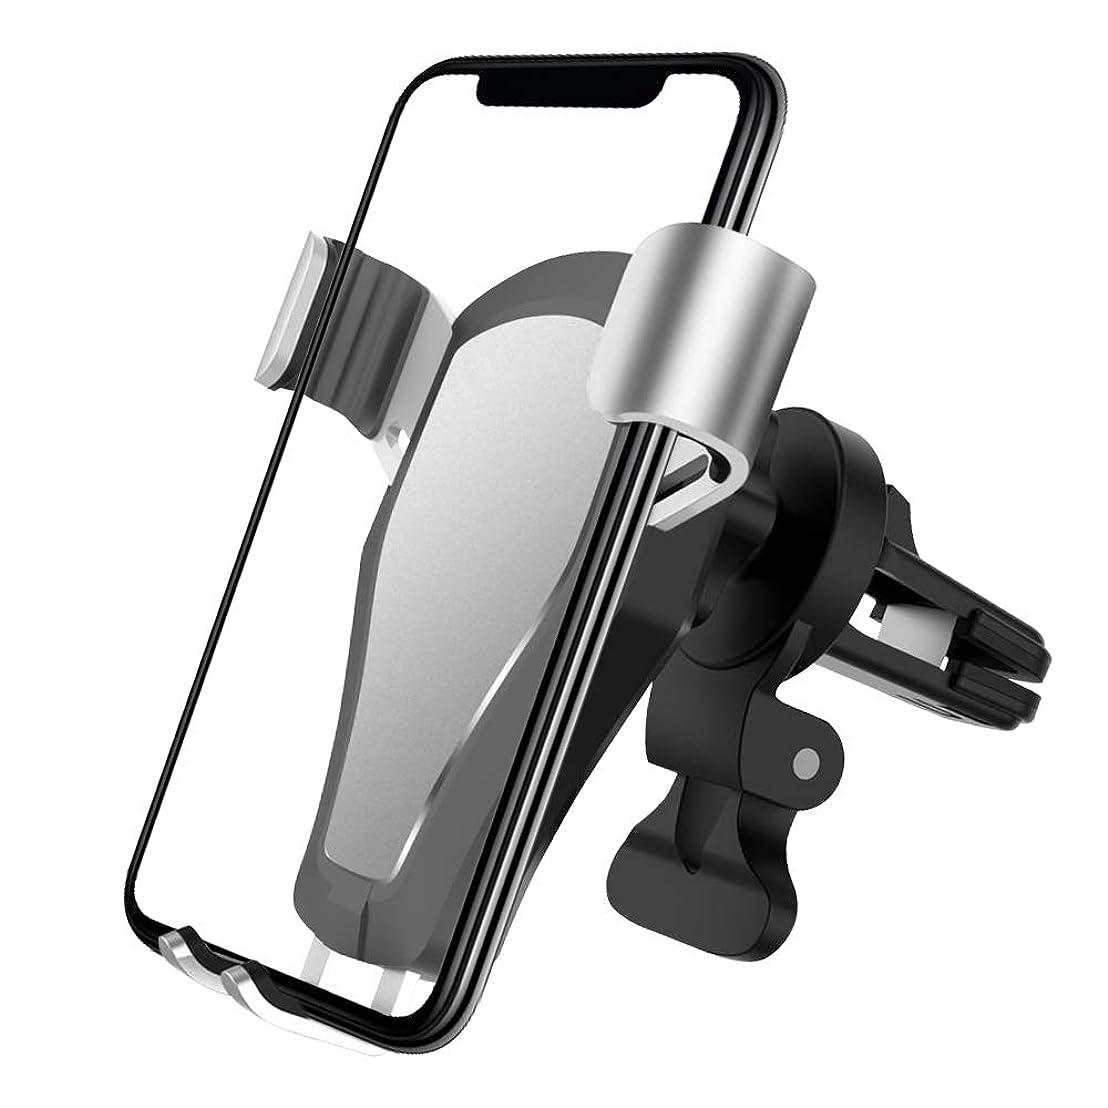 注ぎます生命体火山学者【2019最新型】車載ホルダー スマホホルダー カーホルダー 重力固定式 クリップ式&吹き出し 片手操作可能 自由調節可能 4.7-6.5インチ 多機種対応 落下防止 iPhone/Samsung/Huawei/Sony など